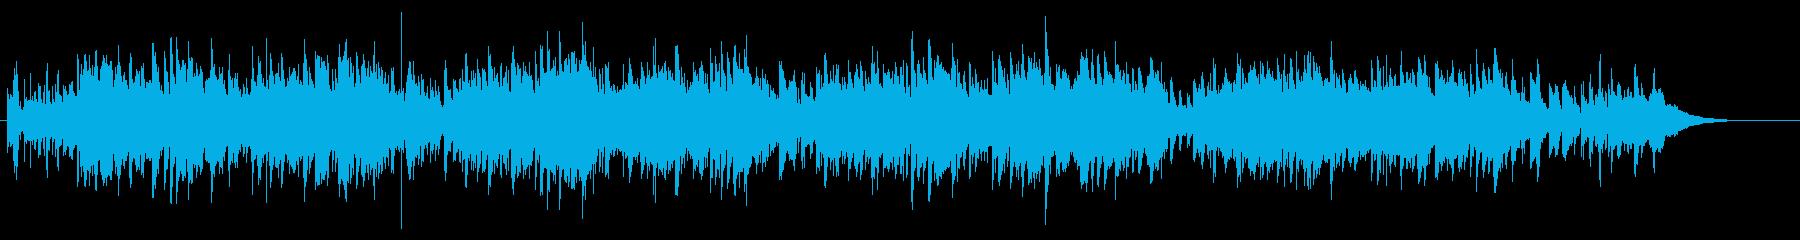 アコギ 軽快なカントリー・ウェスタン調の再生済みの波形